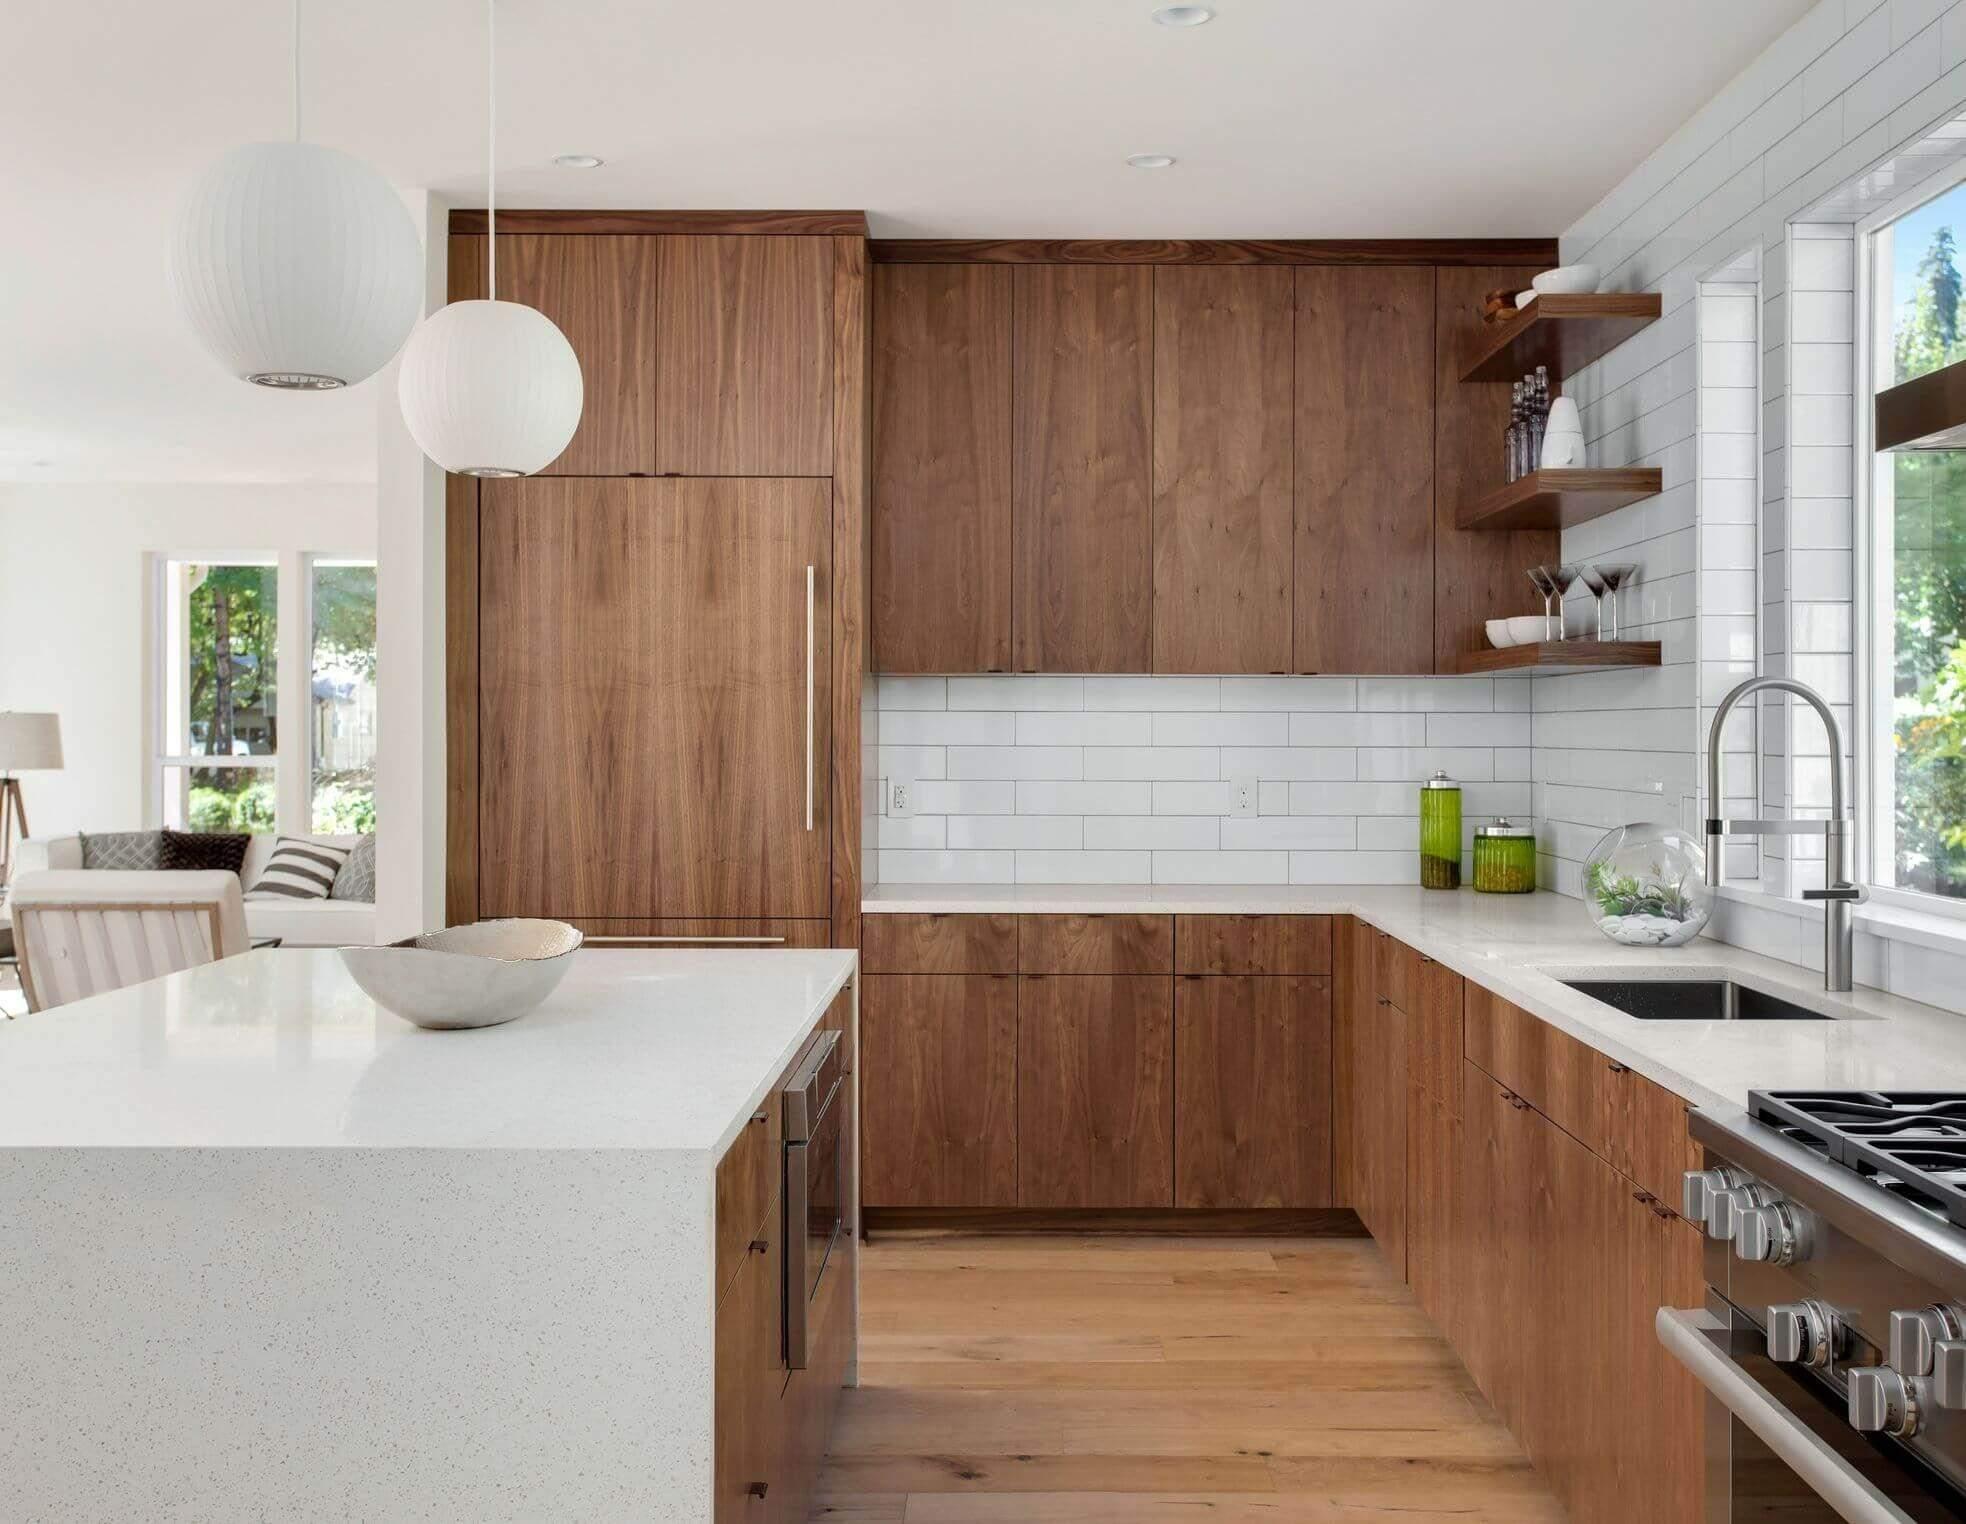 Г планування кухні